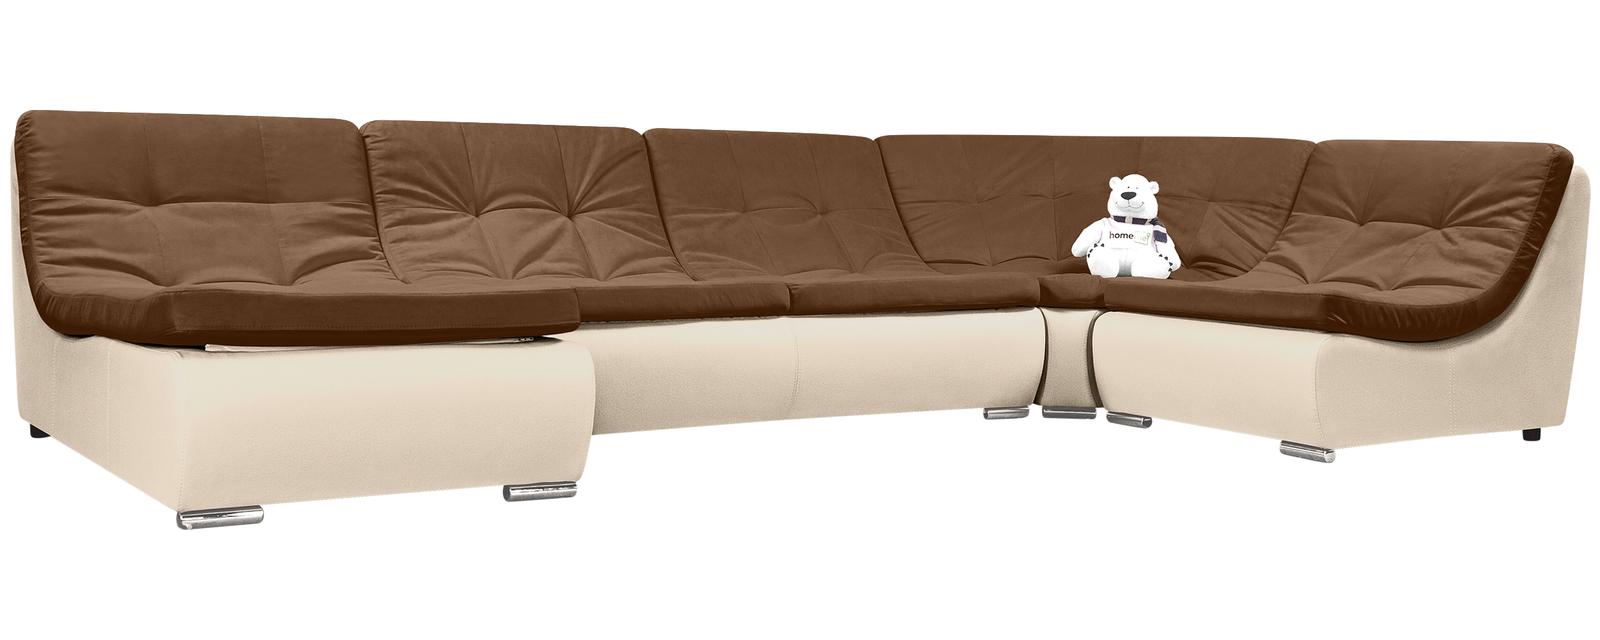 описание Модульный диван Лос-Анджелес Velure коричневый Вариант 2 (Велюр + Экокожа)